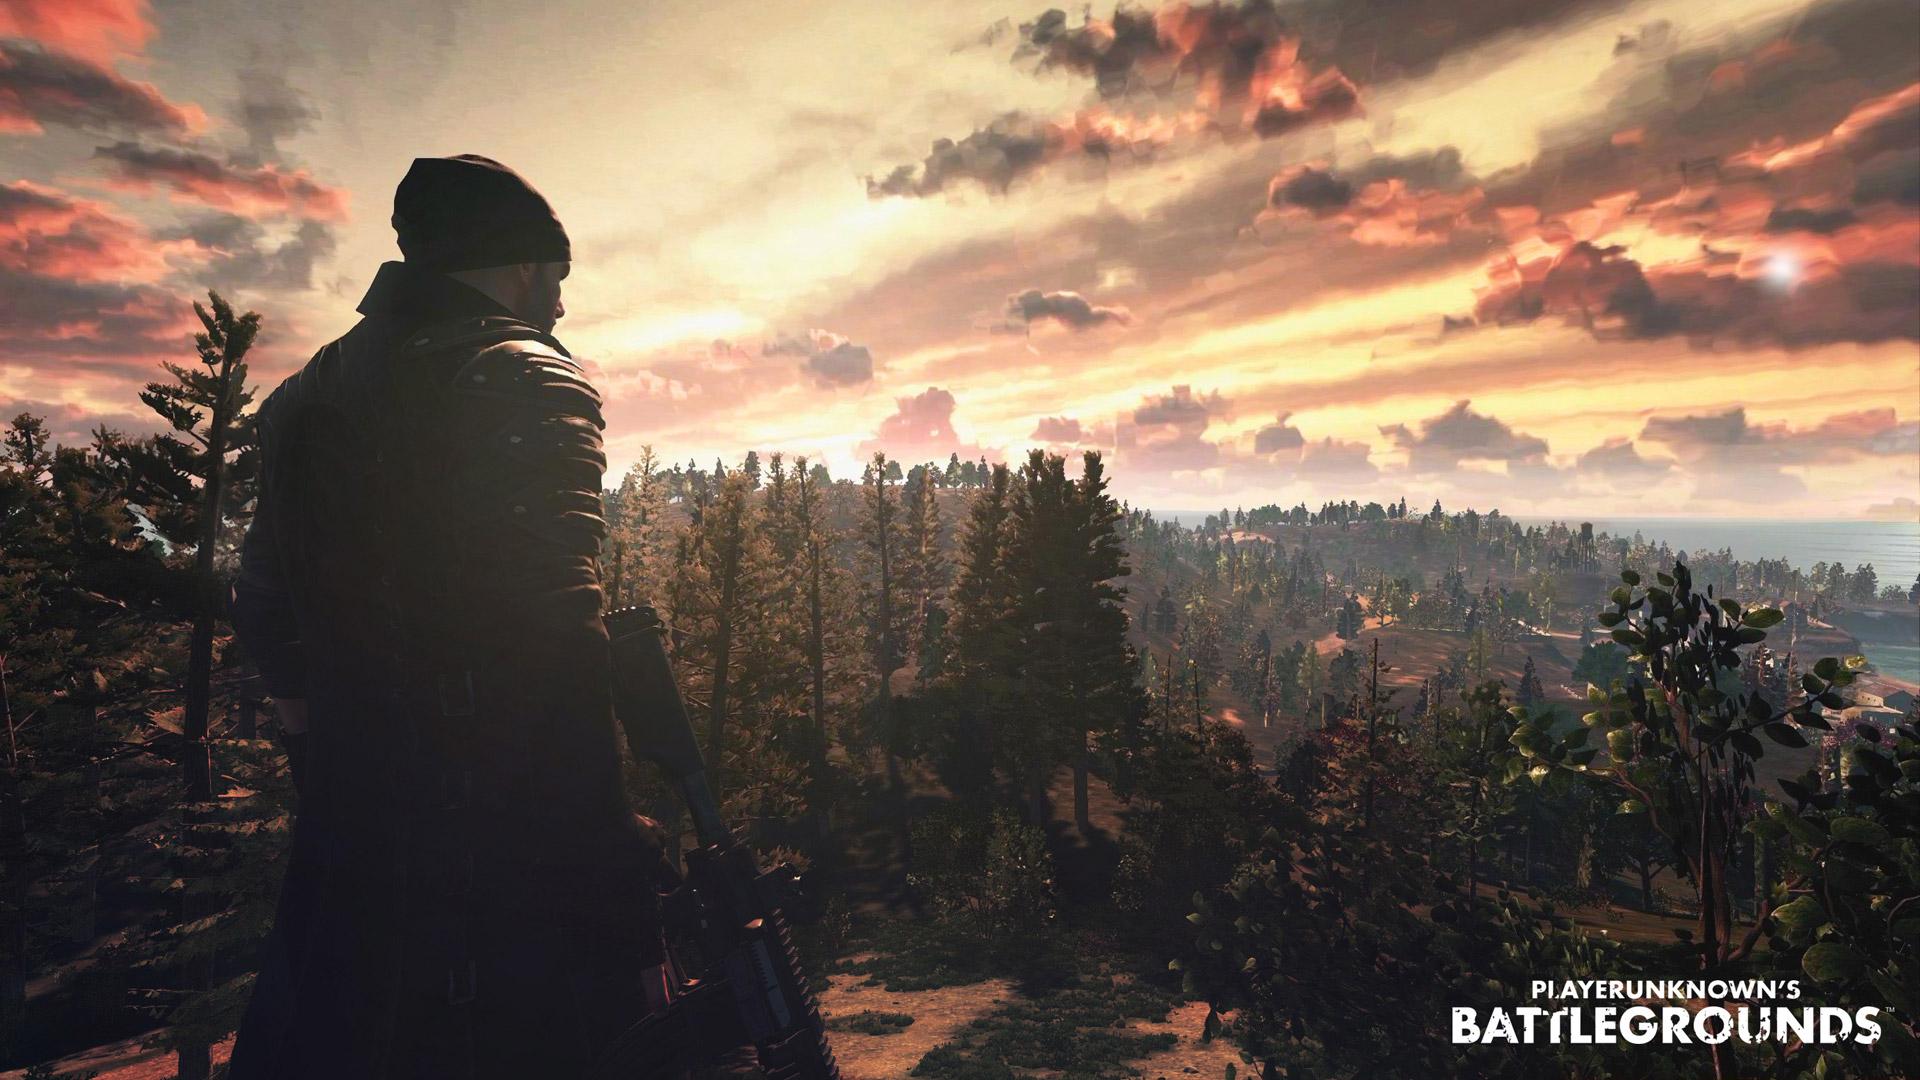 Playerunknowns Battlegrounds background 5